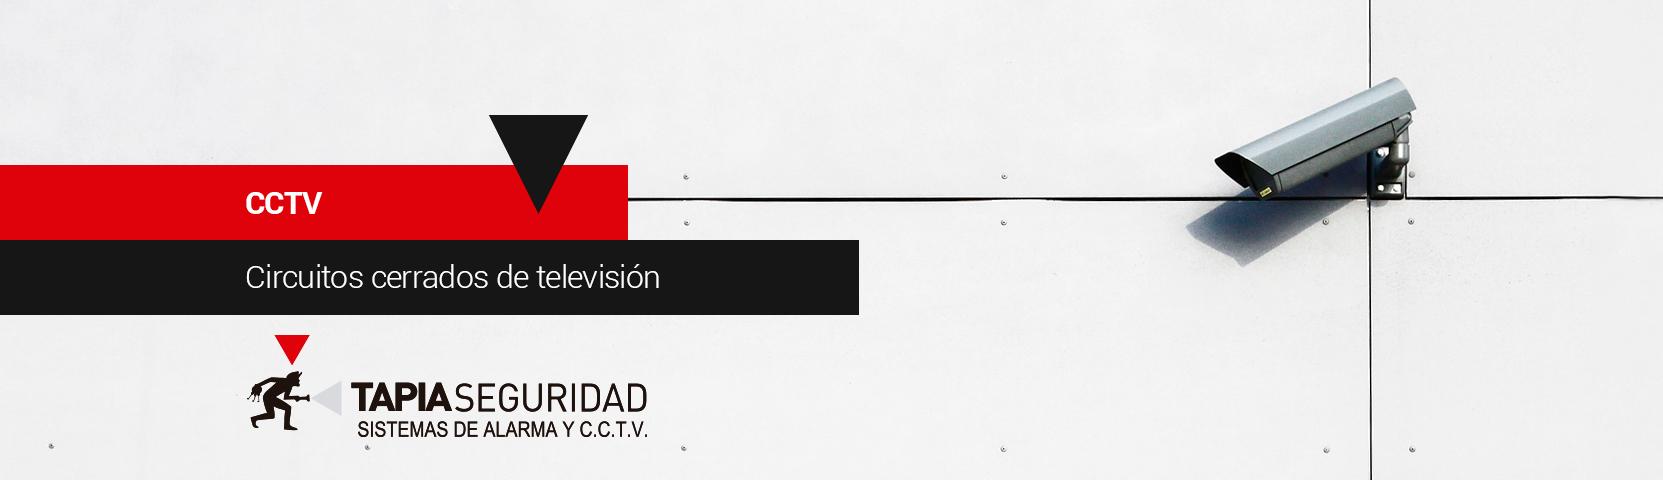 CCTV Instalación de circuitos cerrados de televisión Asturias